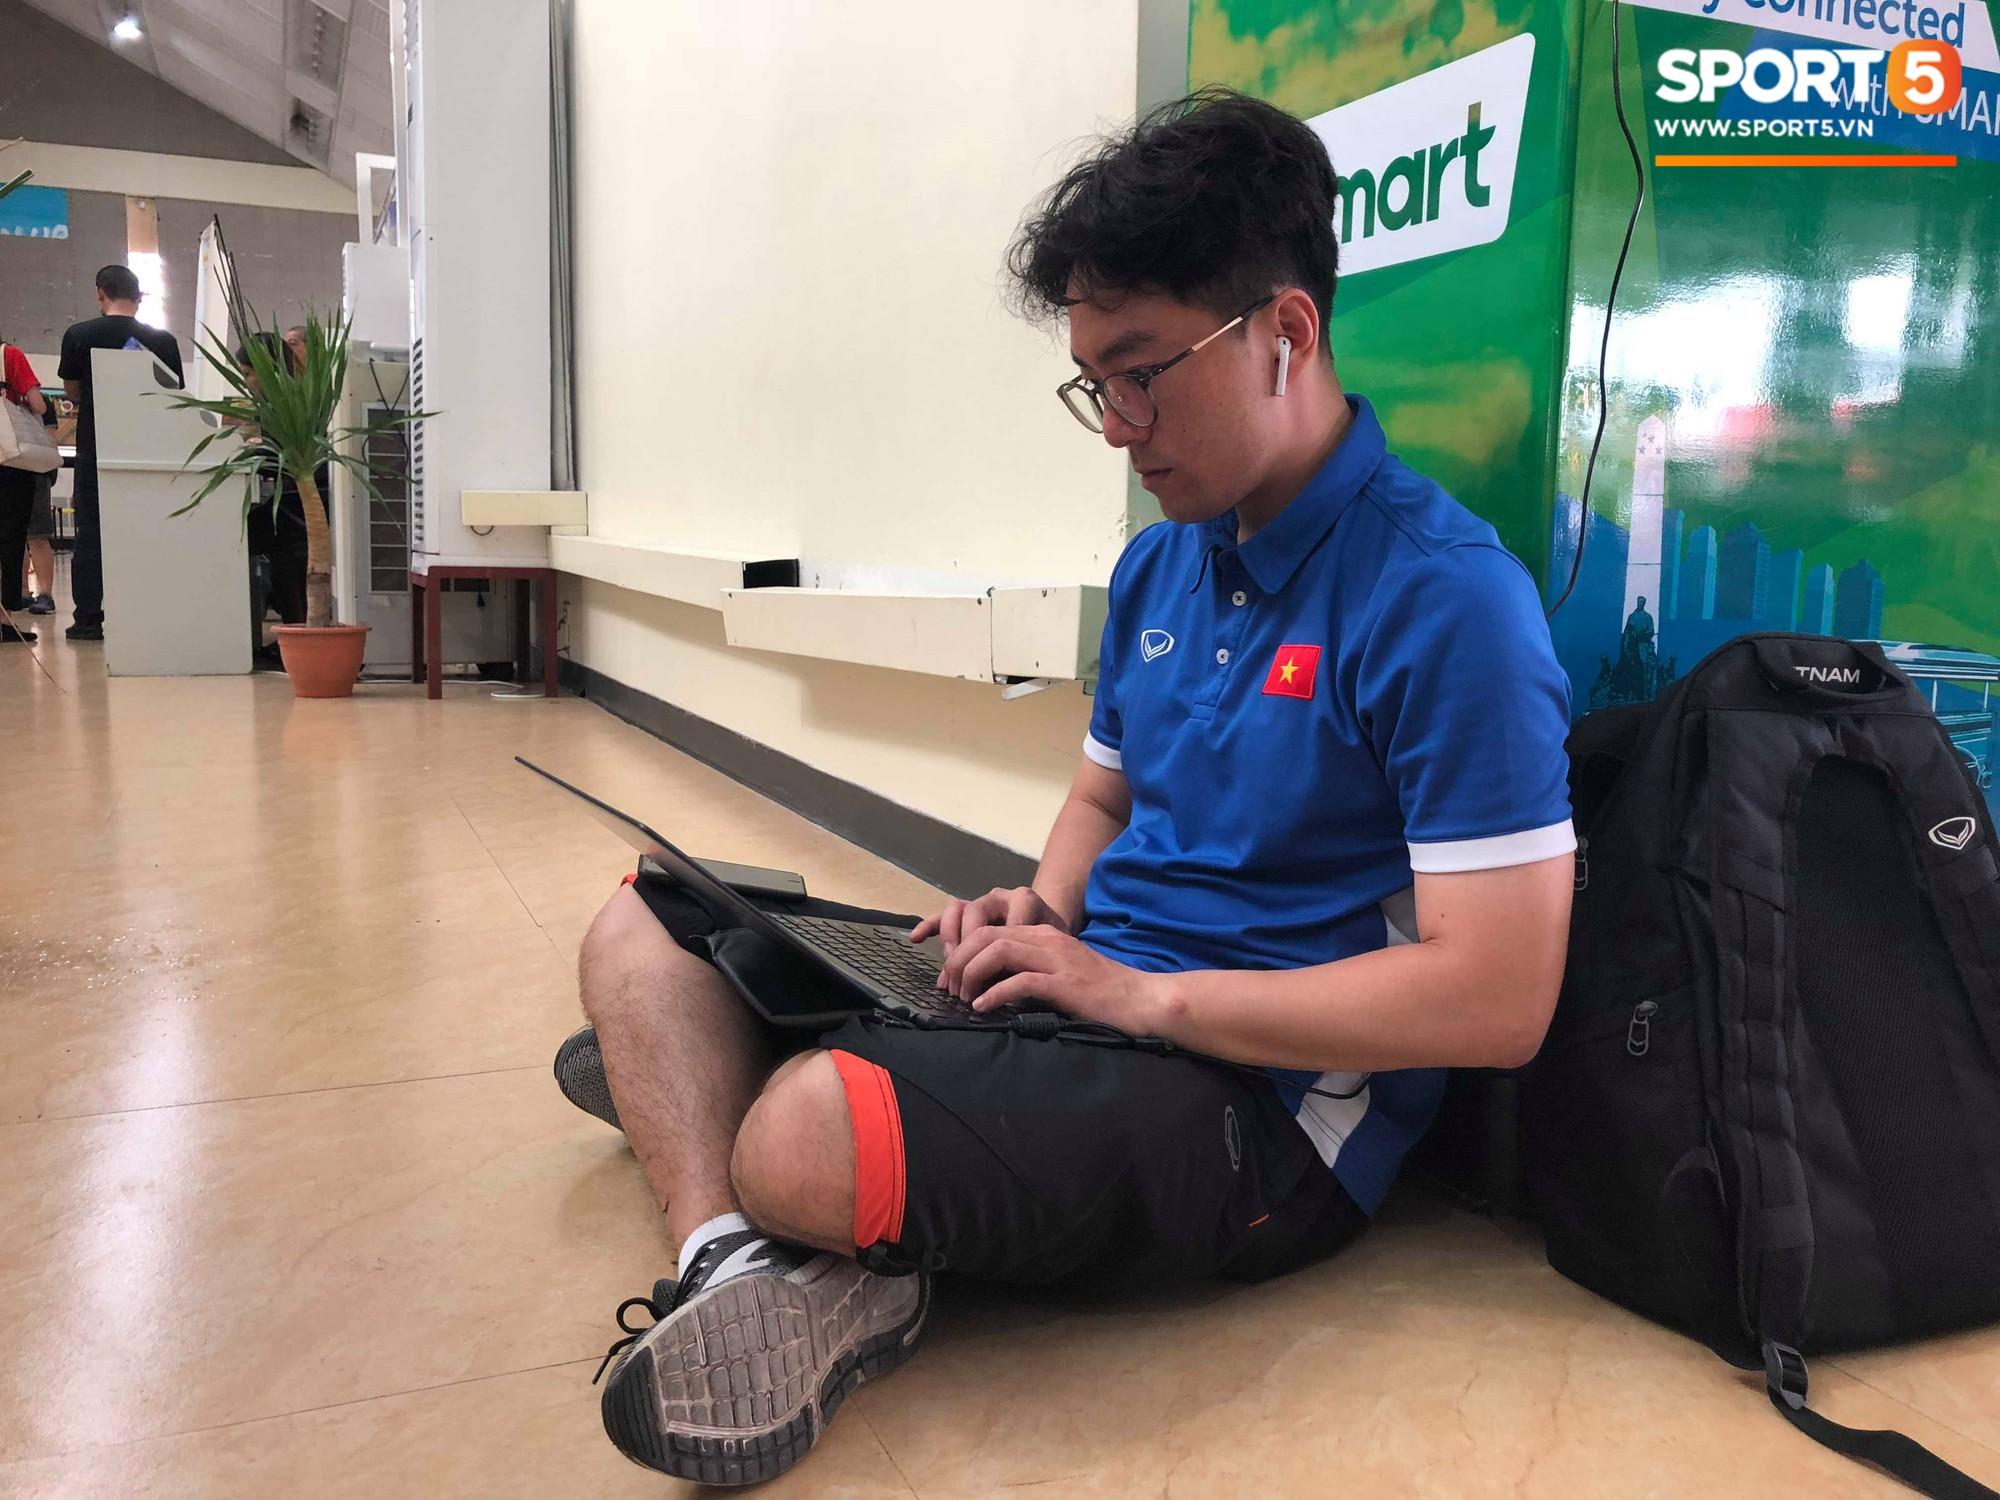 Không ngủ quên sau trận thắng Philippines, trợ lý Hàn Quốc điển trai của tuyển Việt Nam ngồi bệt ngay tại sân bay phân tích đối thủ - Ảnh 2.